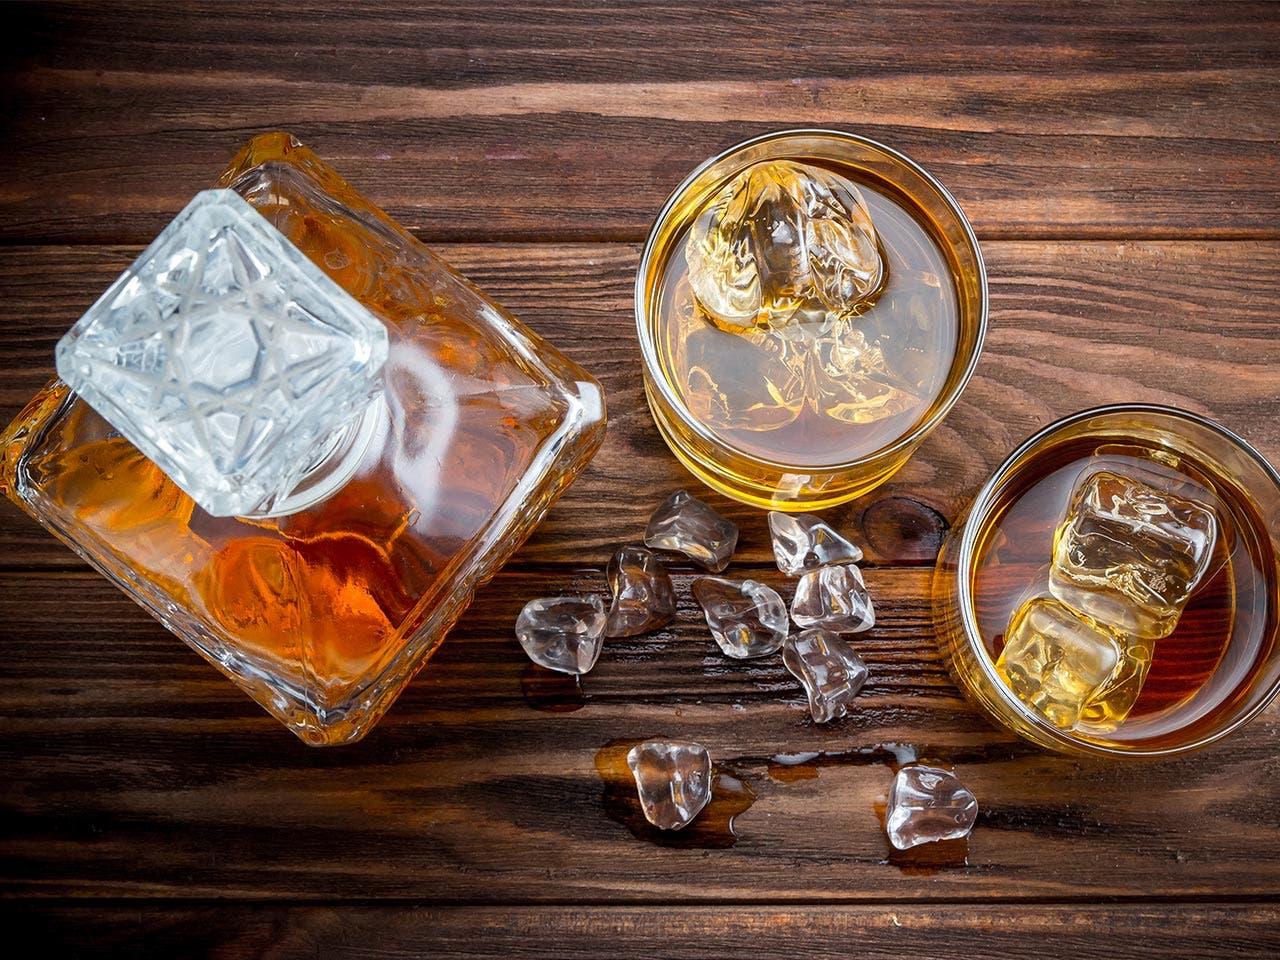 Drinks | Serhiy Shullye/Shutterstock.com